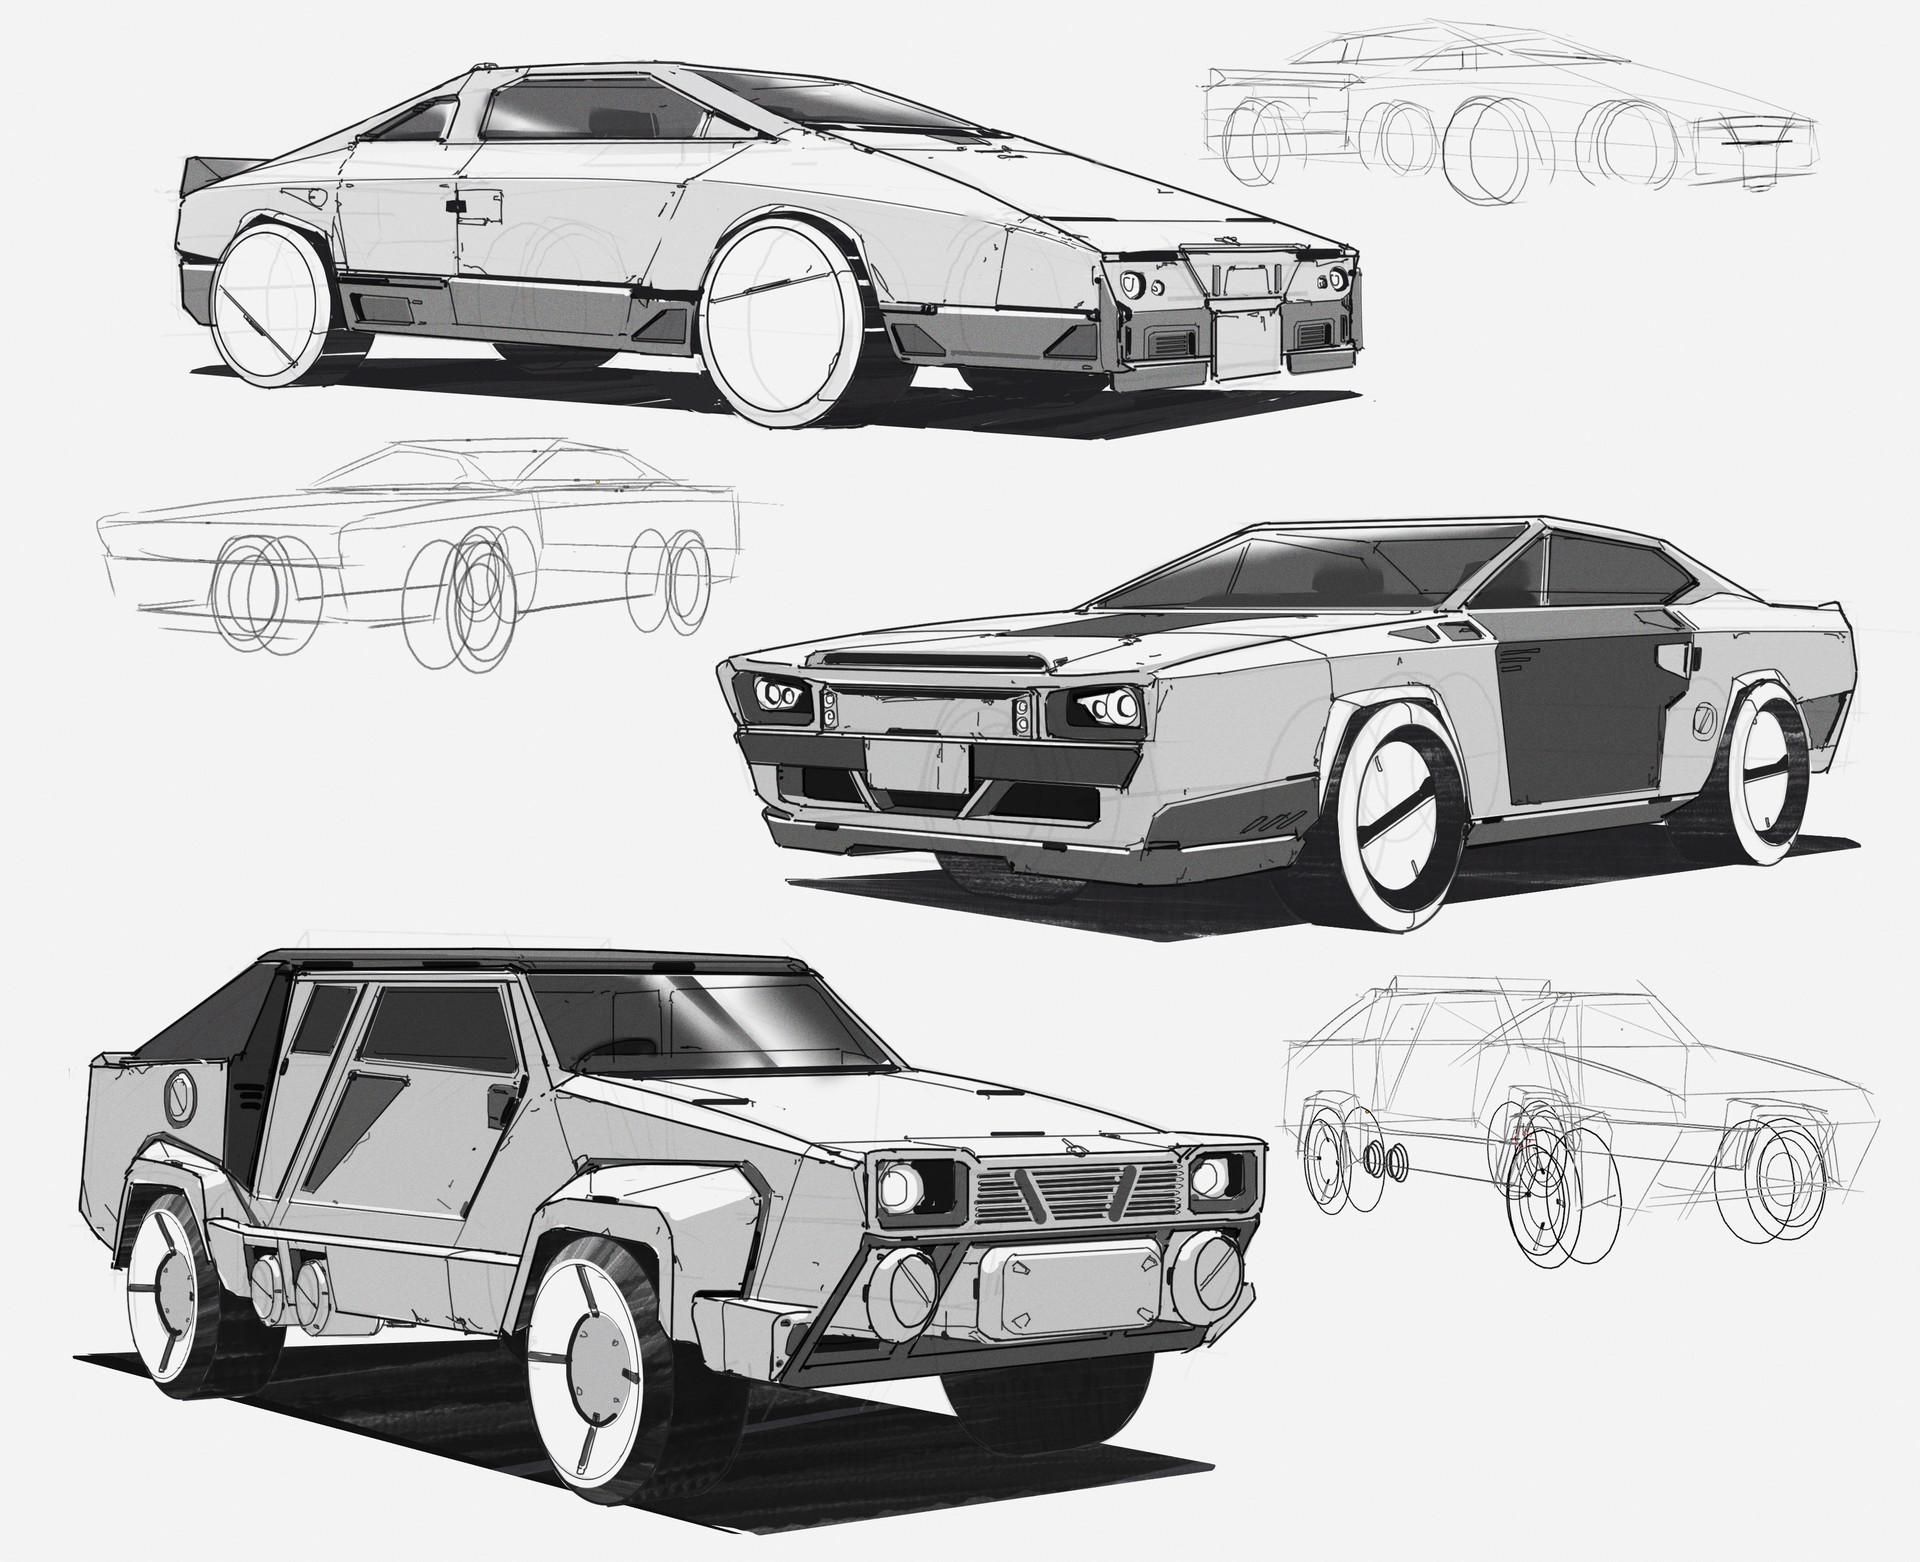 Jx saber car sci fi02